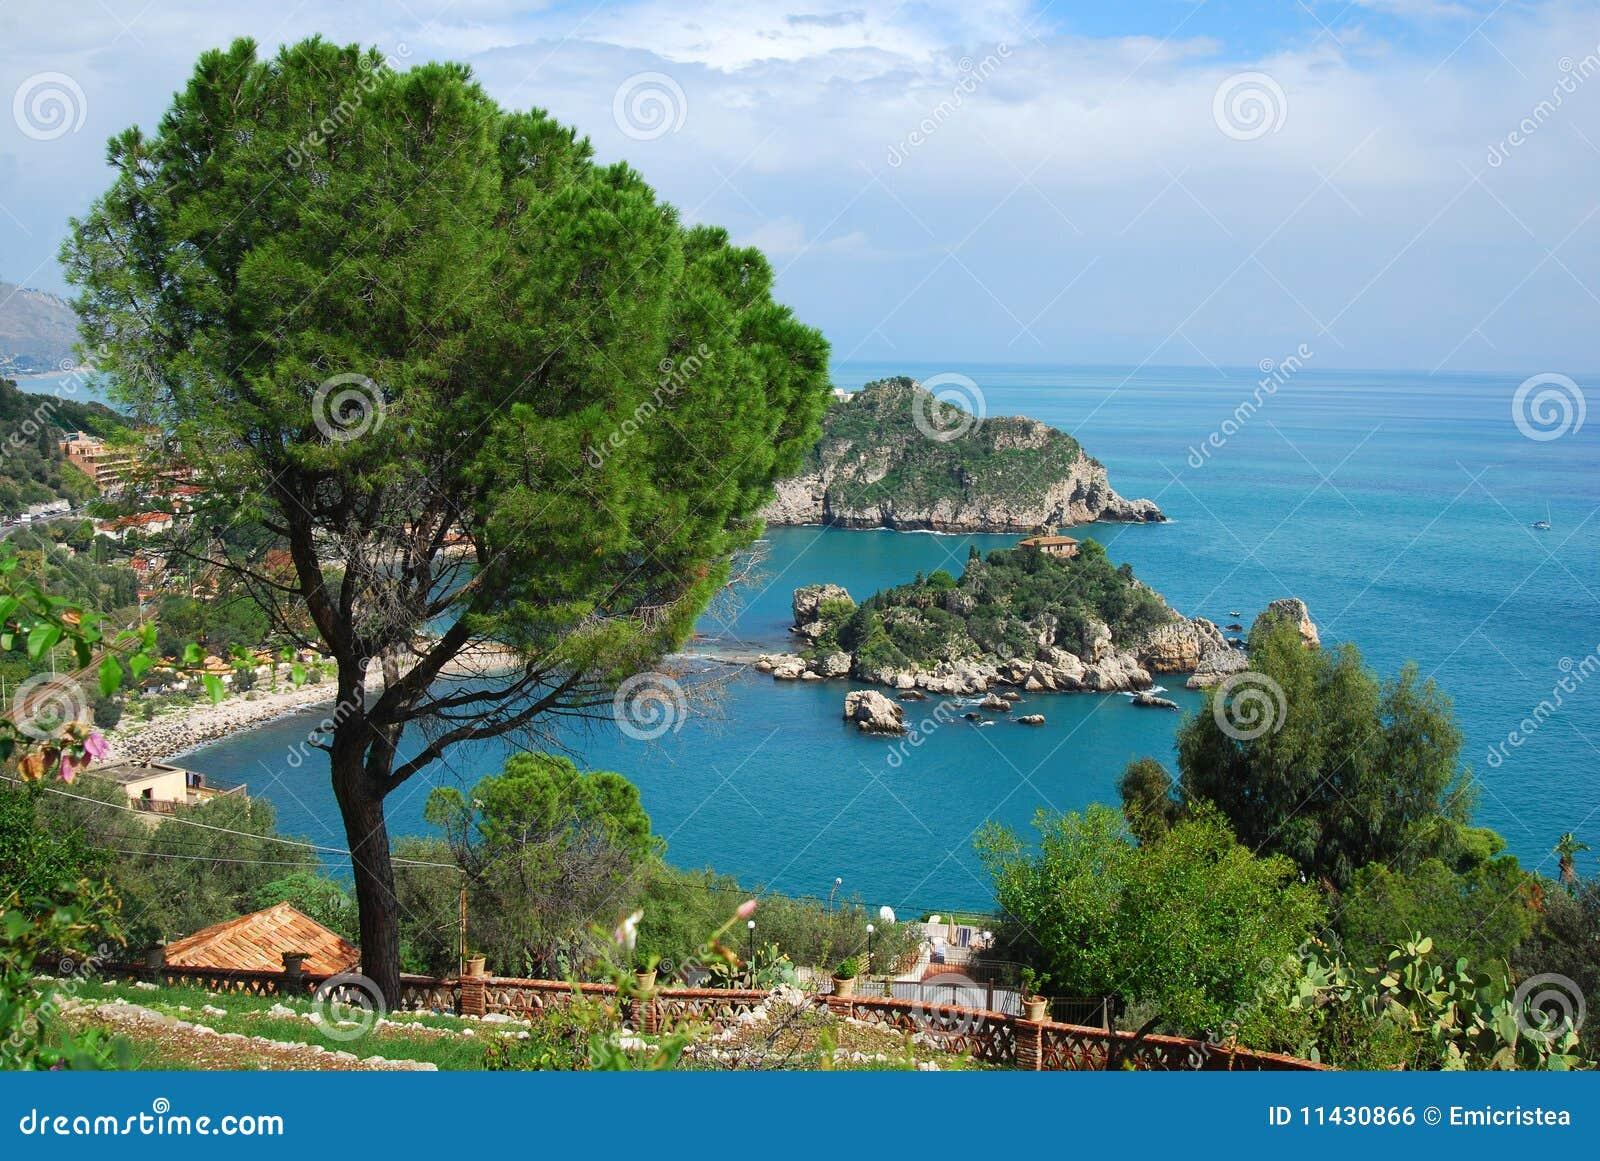 Taormina e Isola Bella (Sicilia)